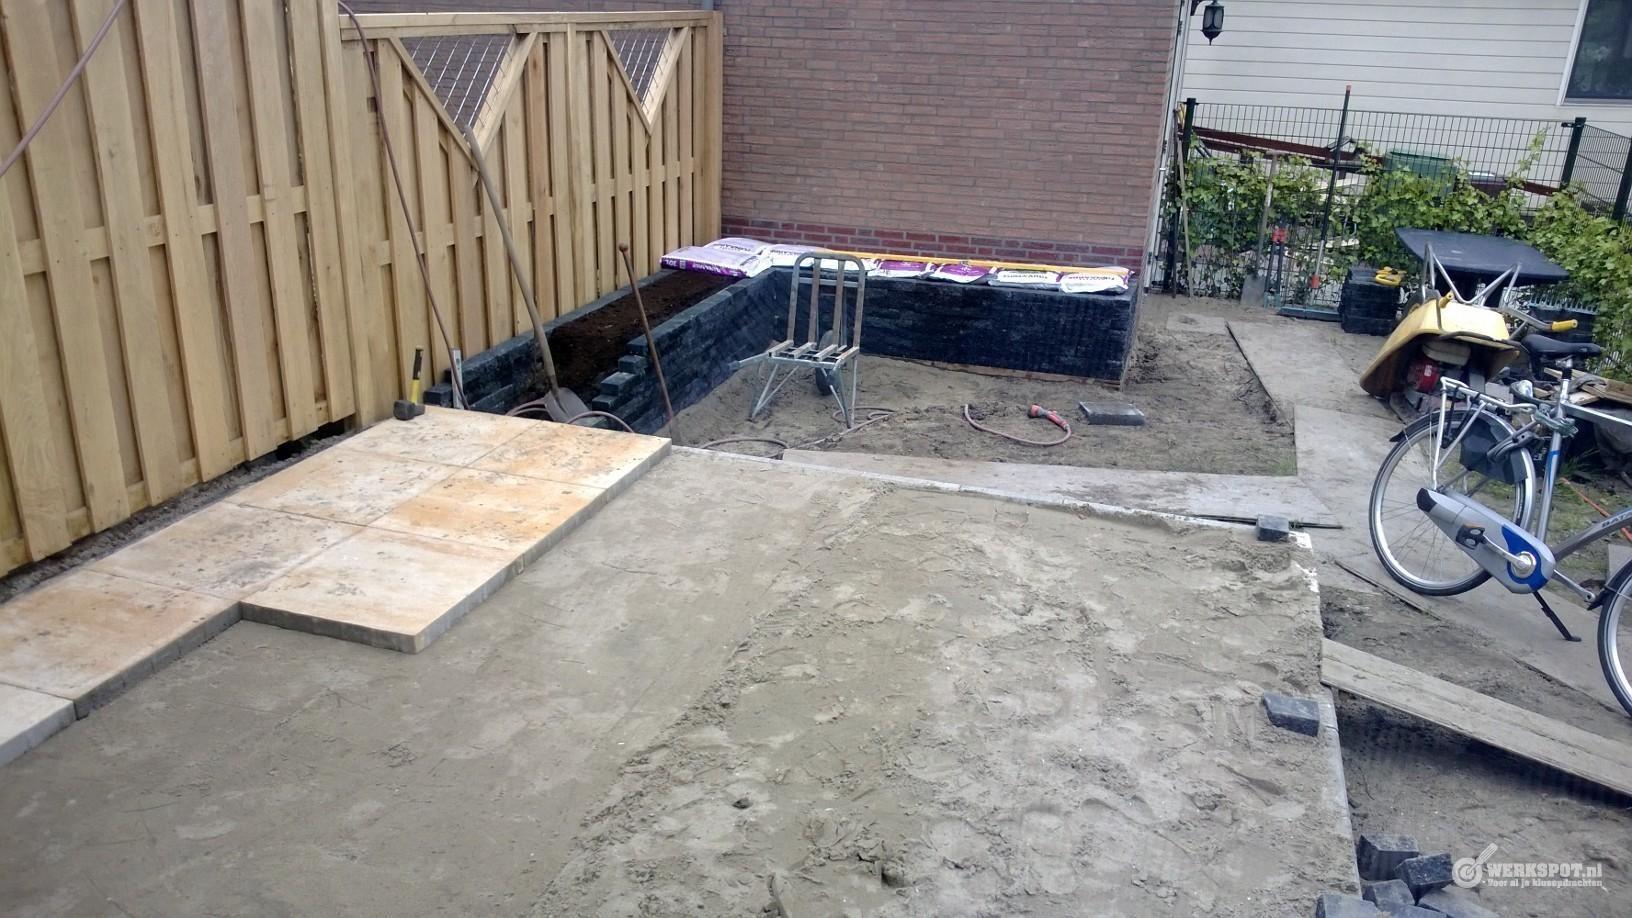 Meedenken en aanleggen tuin nieuwbouwhuis werkspot for Tuinontwerper gezocht